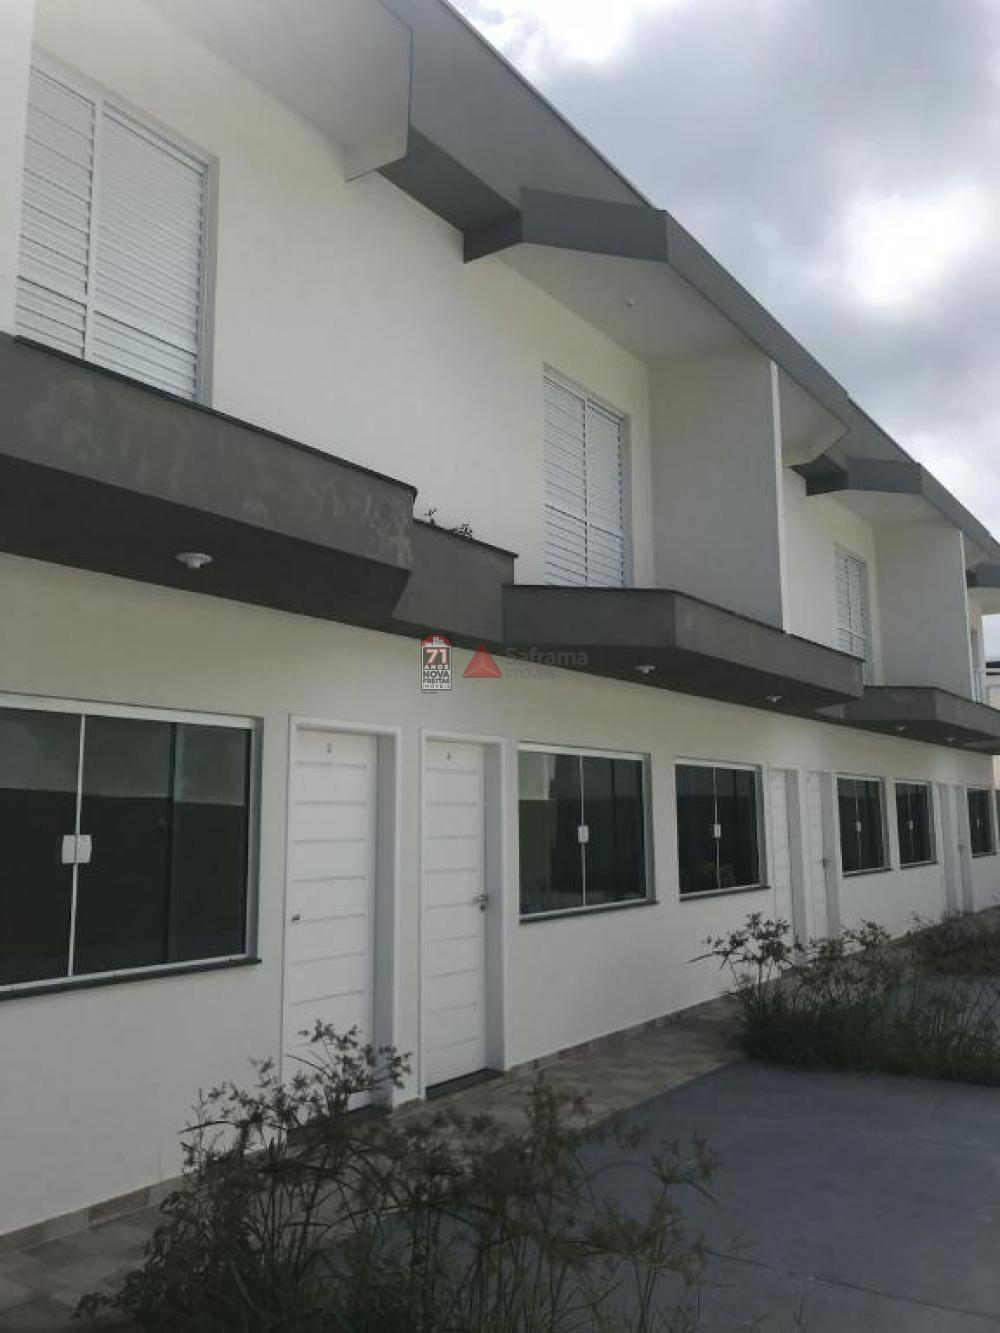 Comprar Casa / Sobrado em Condomínio em Caraguatatuba apenas R$ 259.000,00 - Foto 4